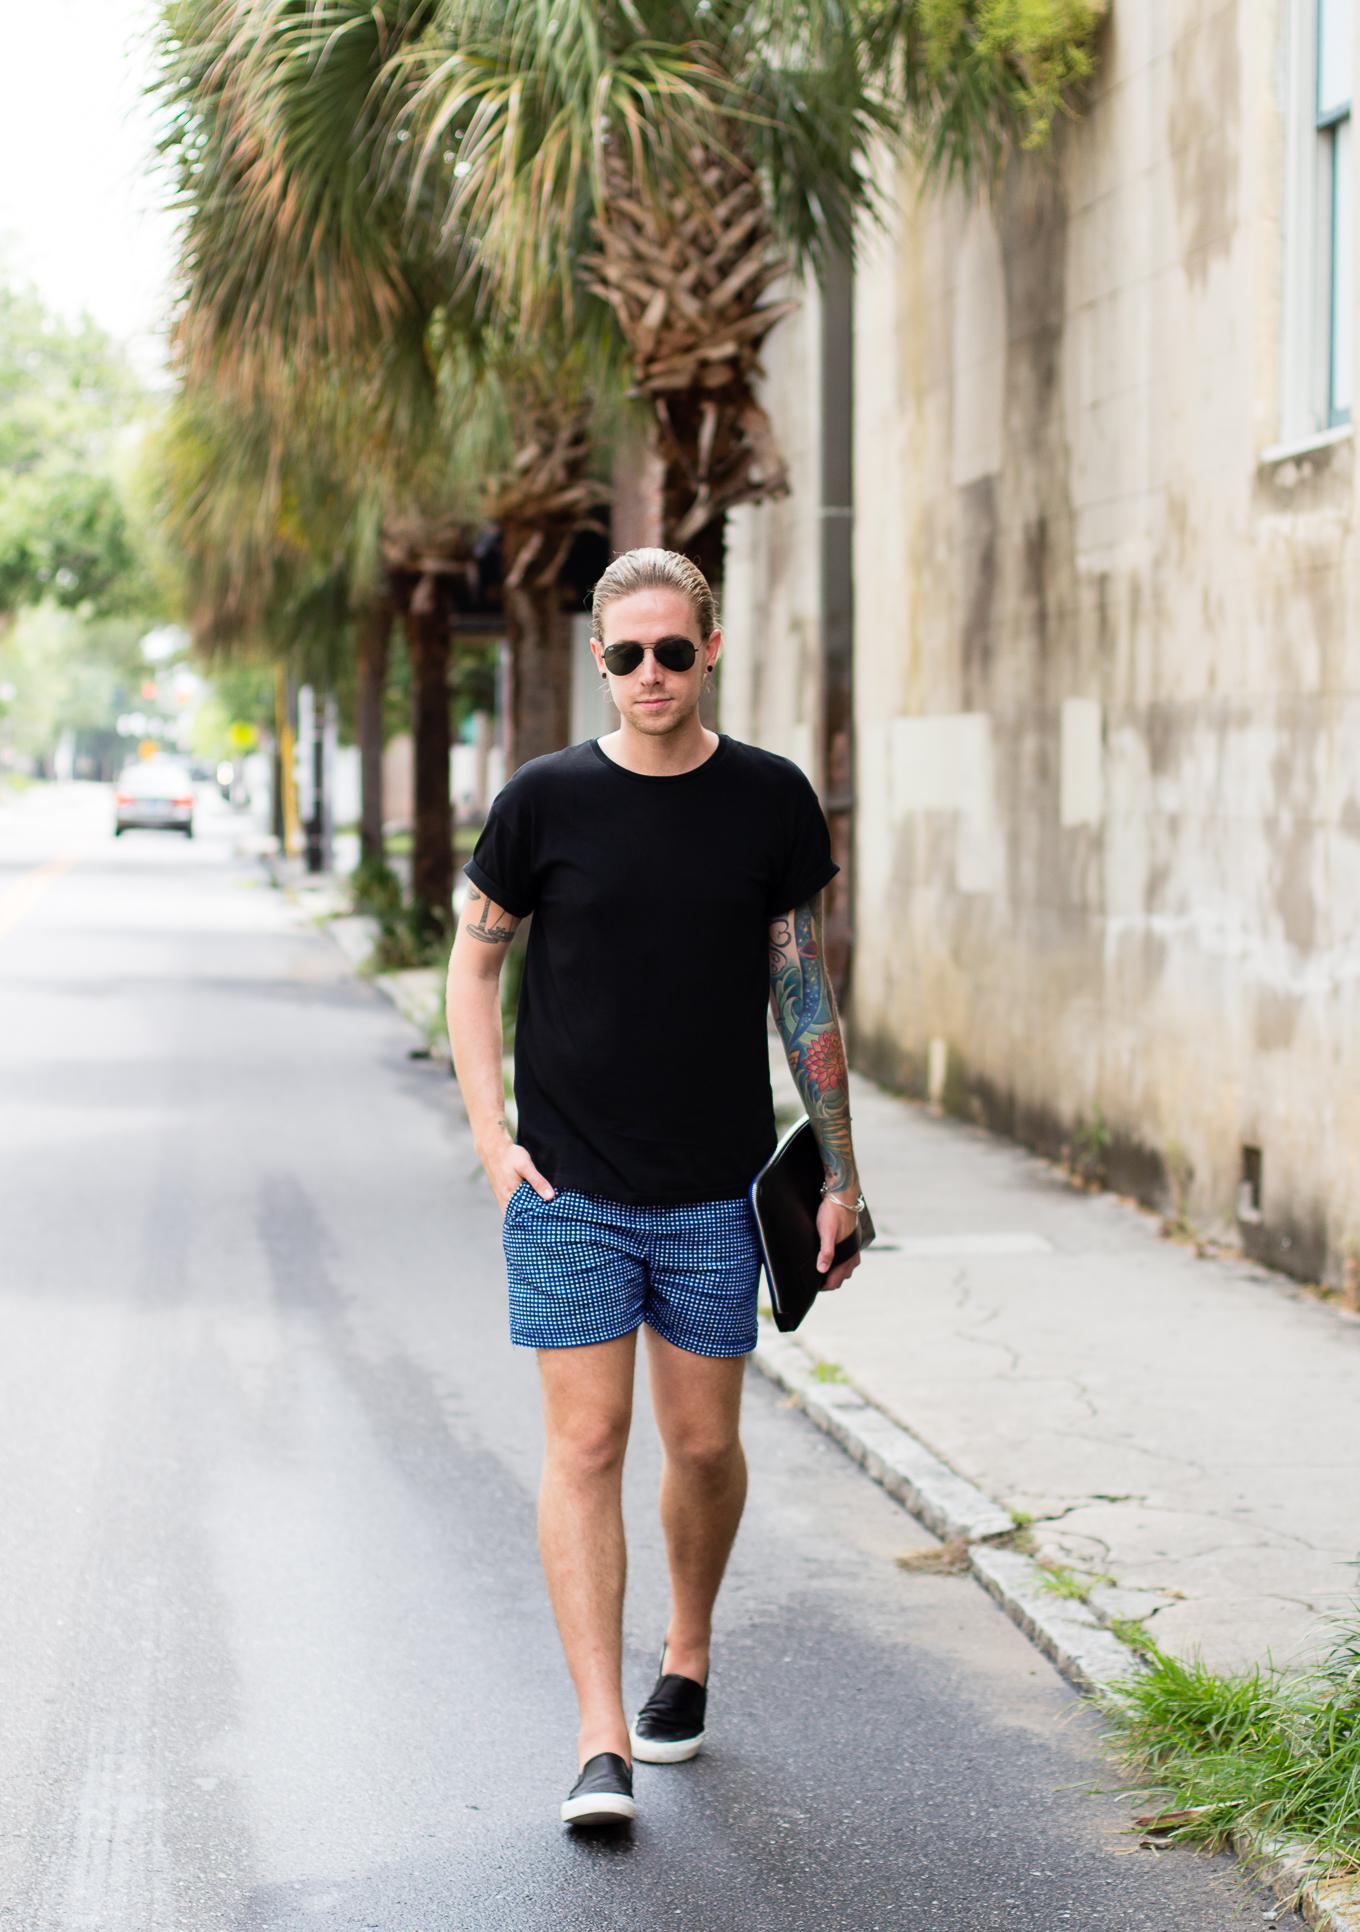 hm printed shorts, mens shorts, #sbscon, charleston, charleston place